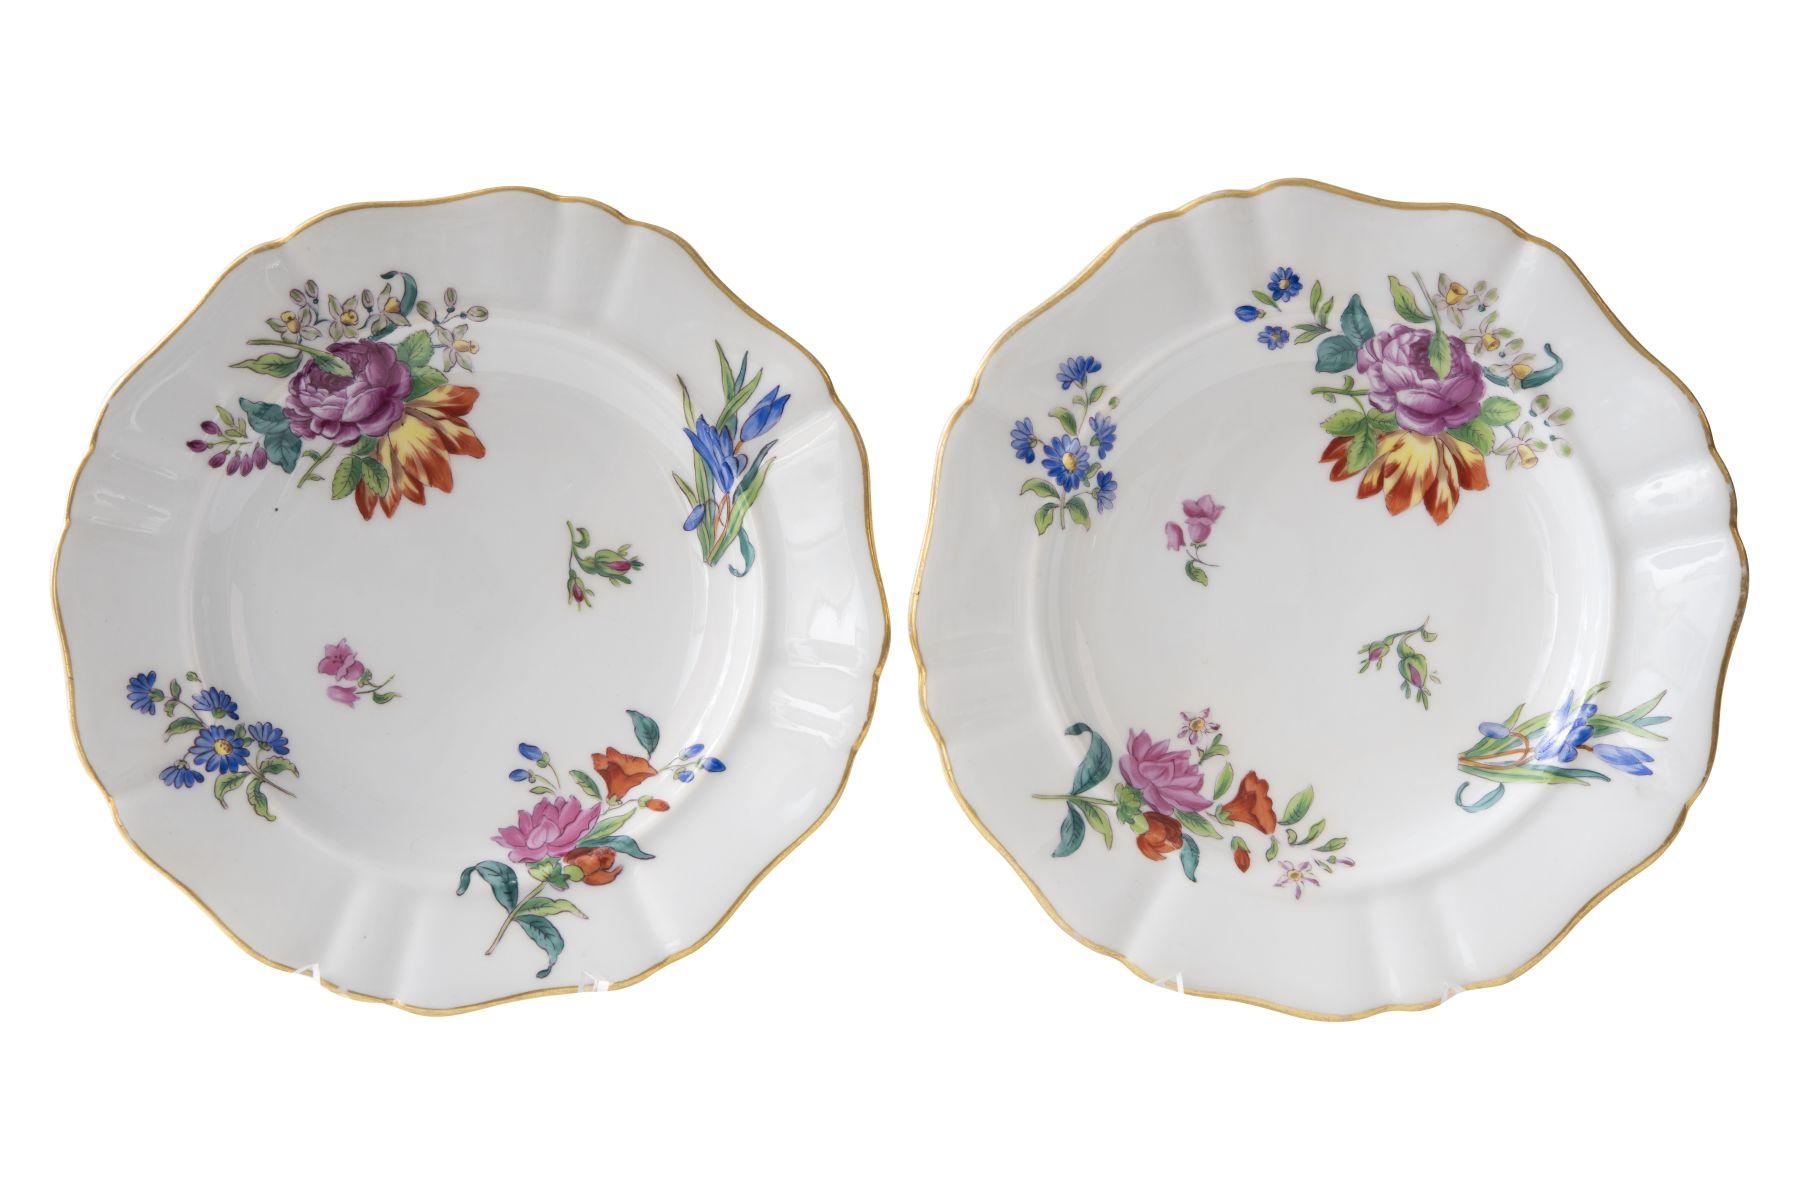 #130 A pair of flower plates | Paar Blumenteller Kaiserliche Manufaktur Wien um 1850/54 Image